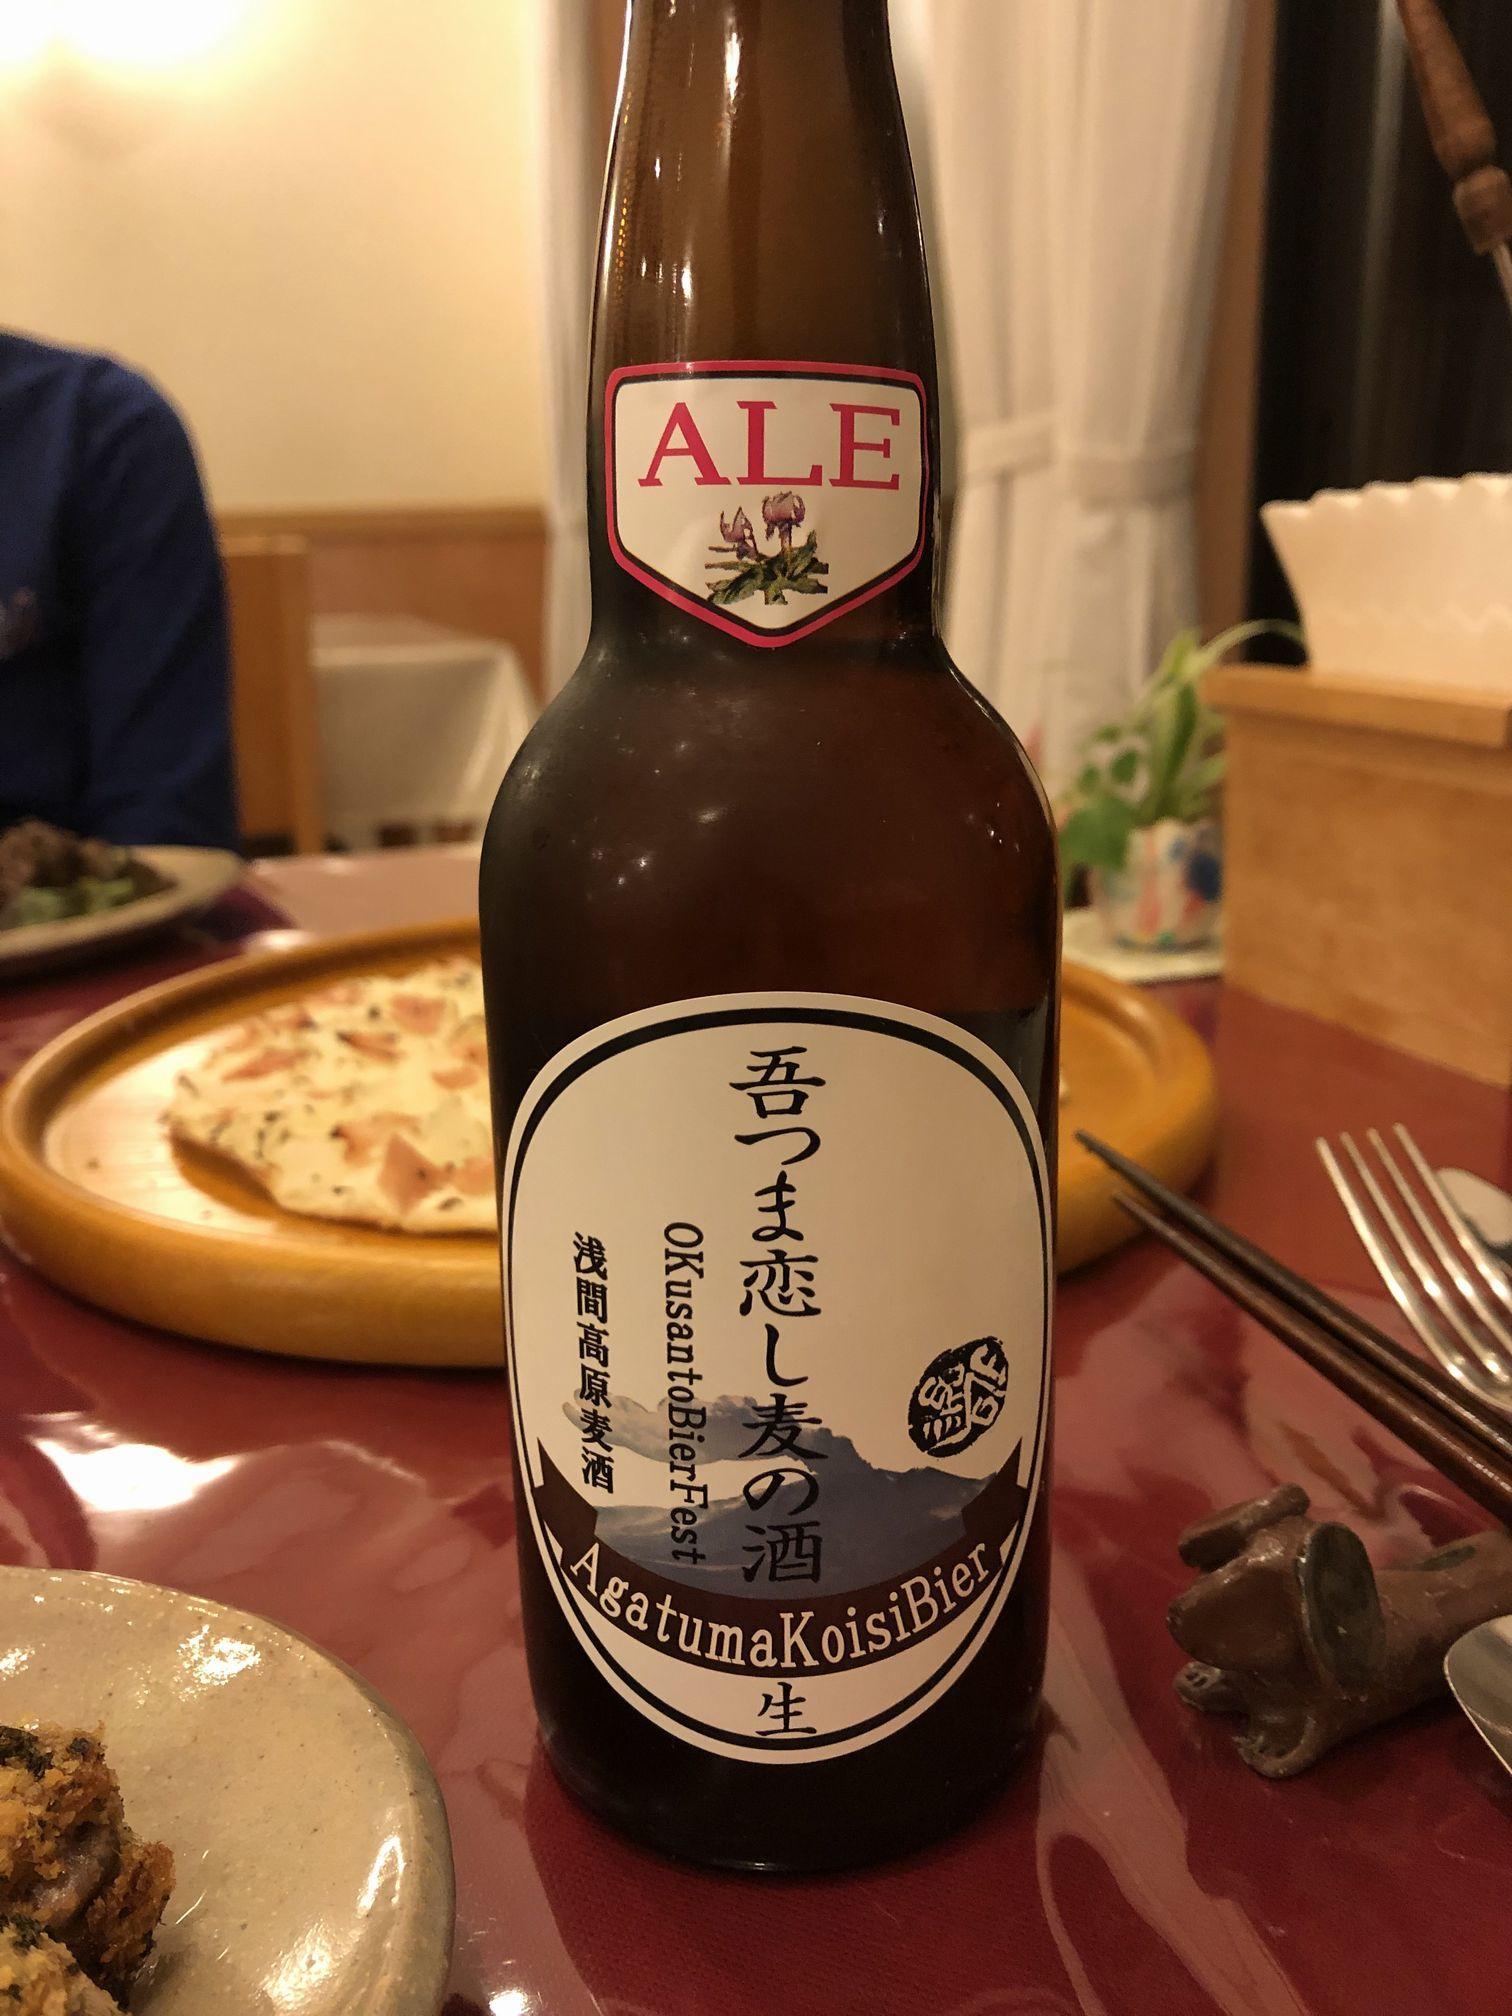 んまいもんシリーズ 2019年 群馬~岐阜~石川県旅行編_f0128542_01500122.jpg